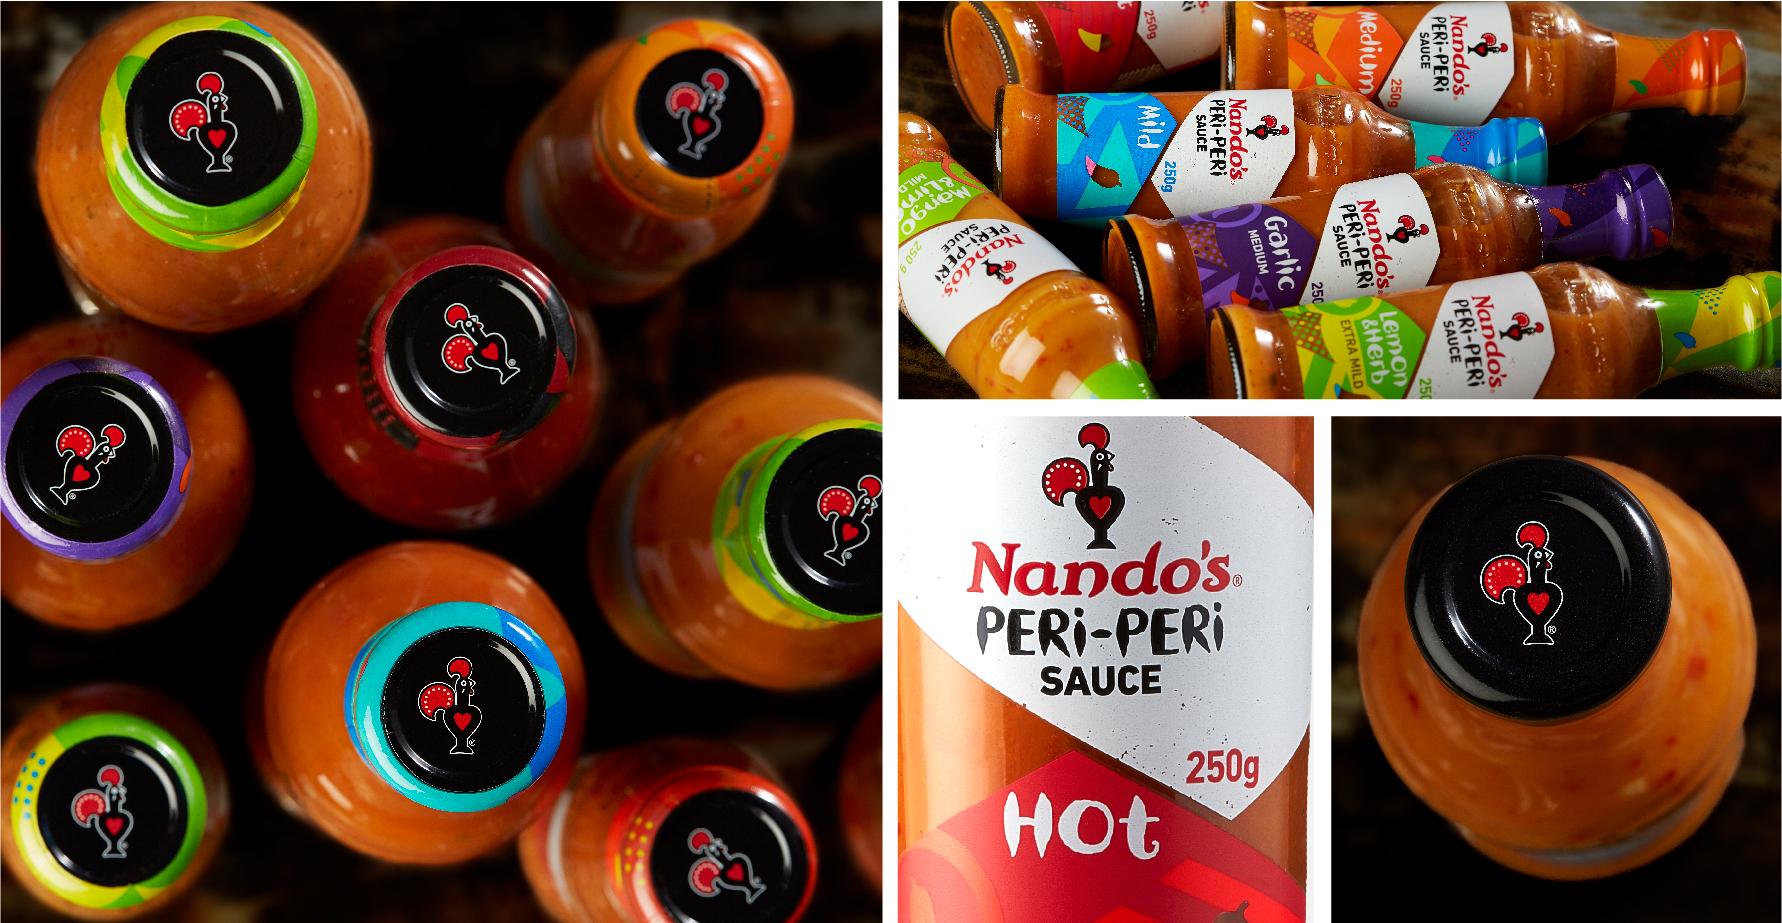 Nando's PERi-PERi sauces